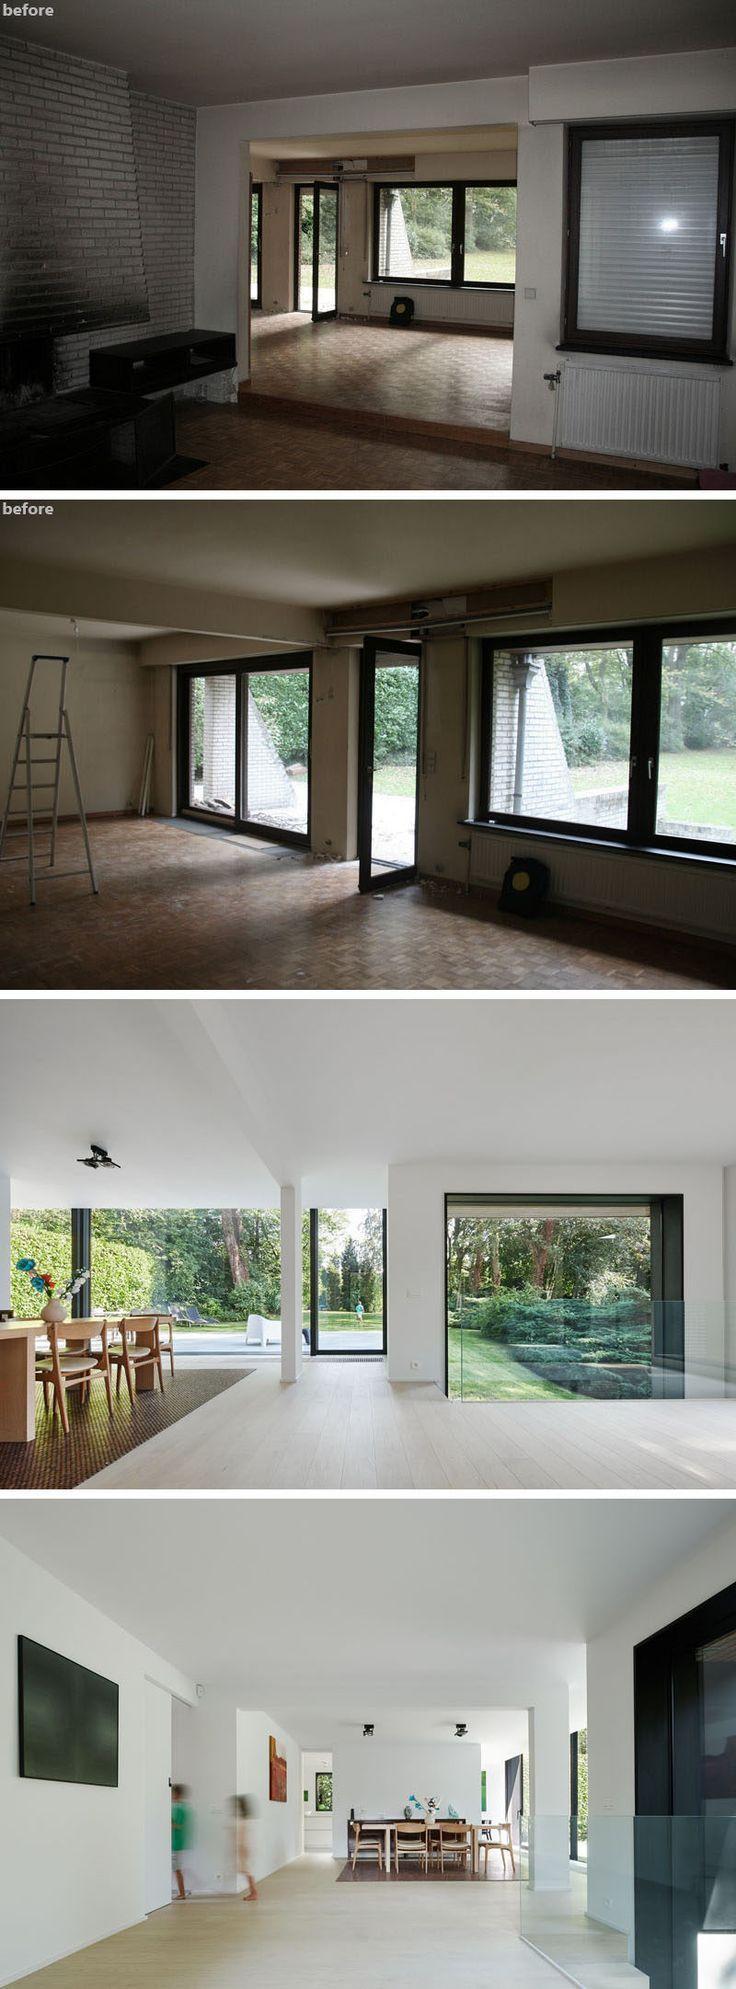 Hausrenovierungen vor und nach dem Abnehmen